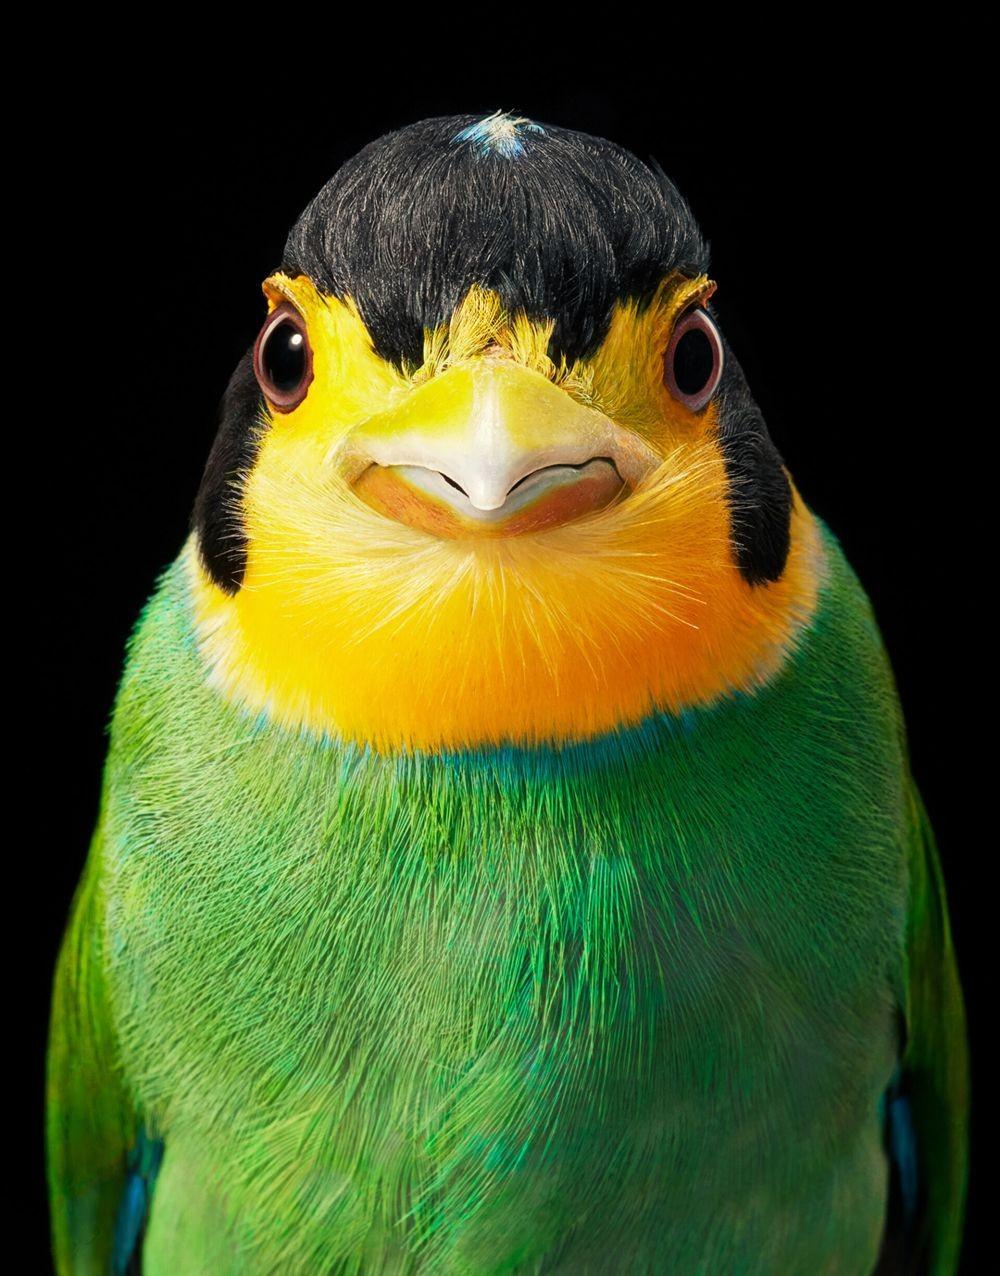 蒂姆.弗拉奇对鸟类的大胆精妙拍摄_图1-6